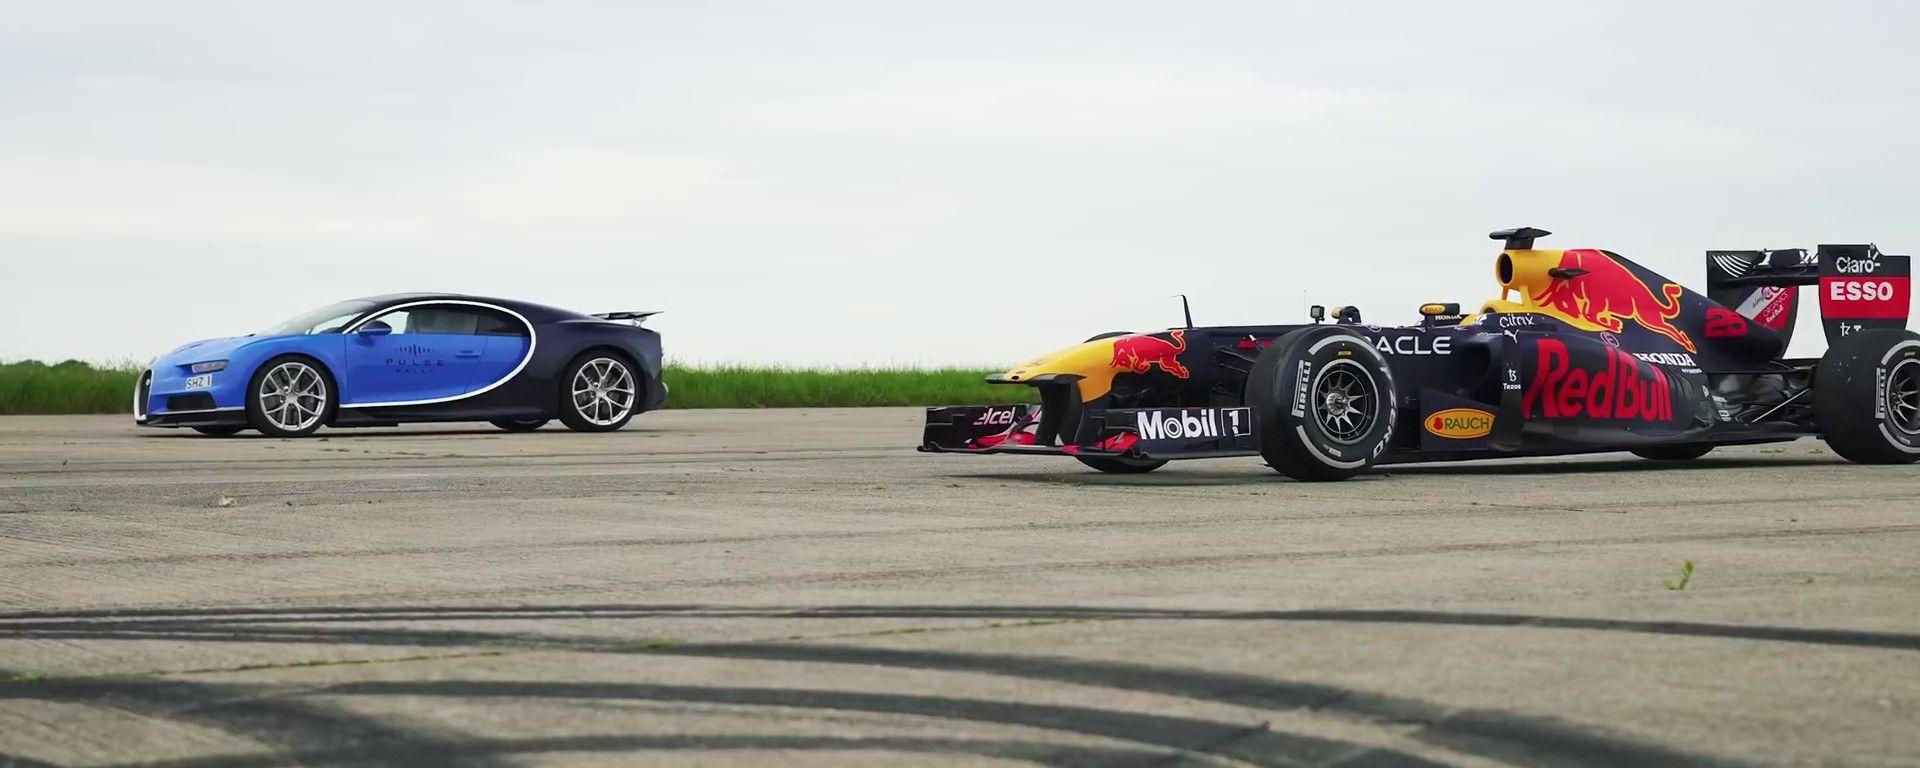 La Bugatti Chiron pronta a sfidare la Red Bull F1 in una drag race